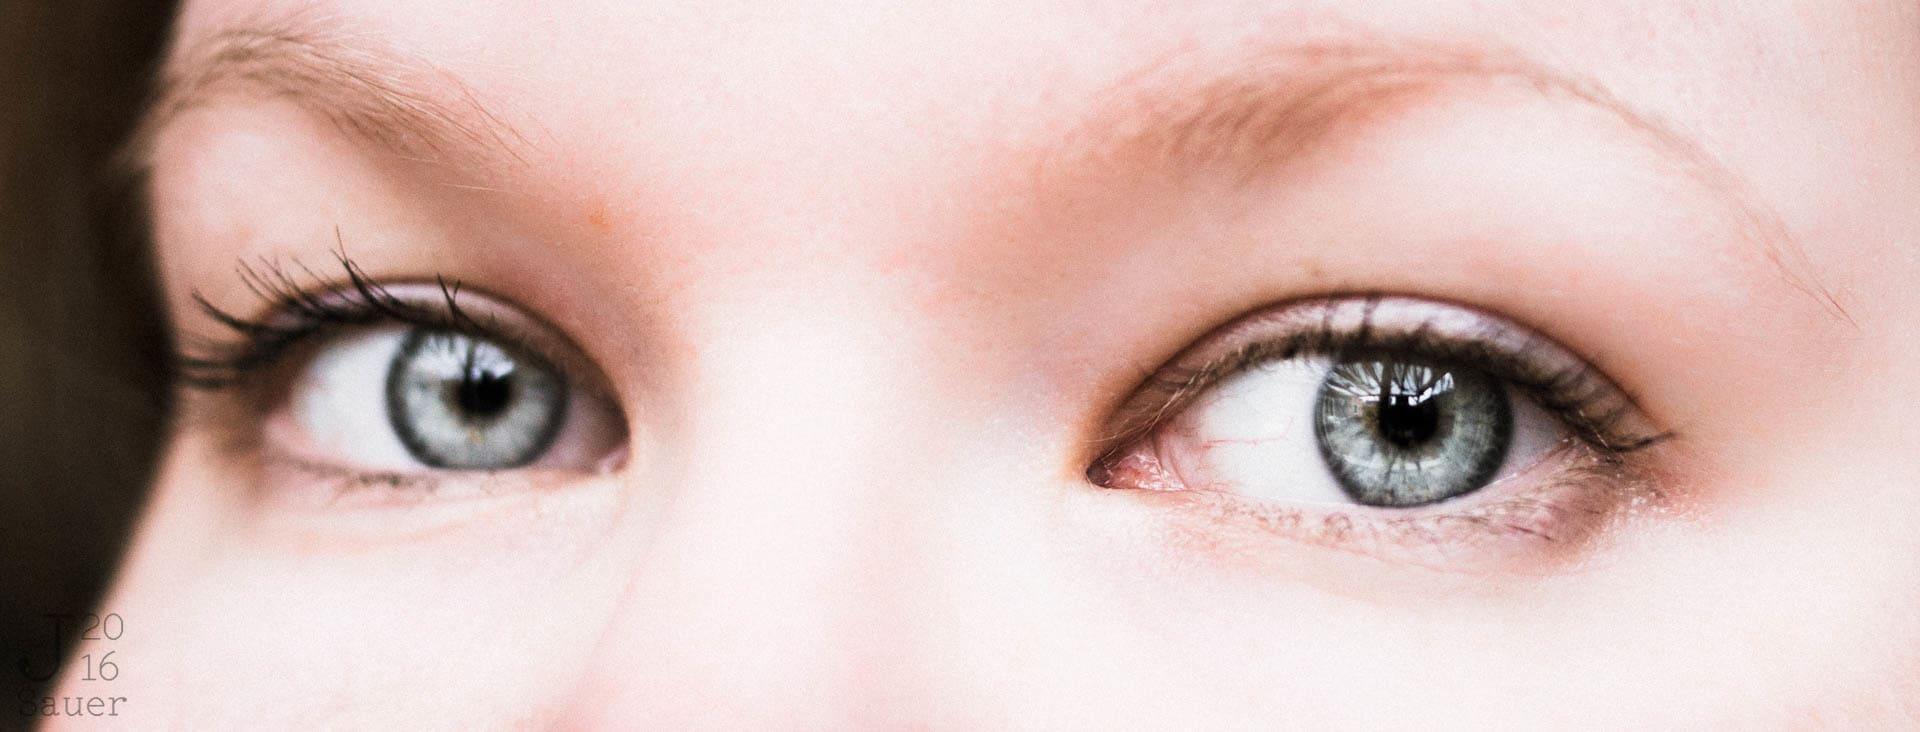 Week 7 Eyes